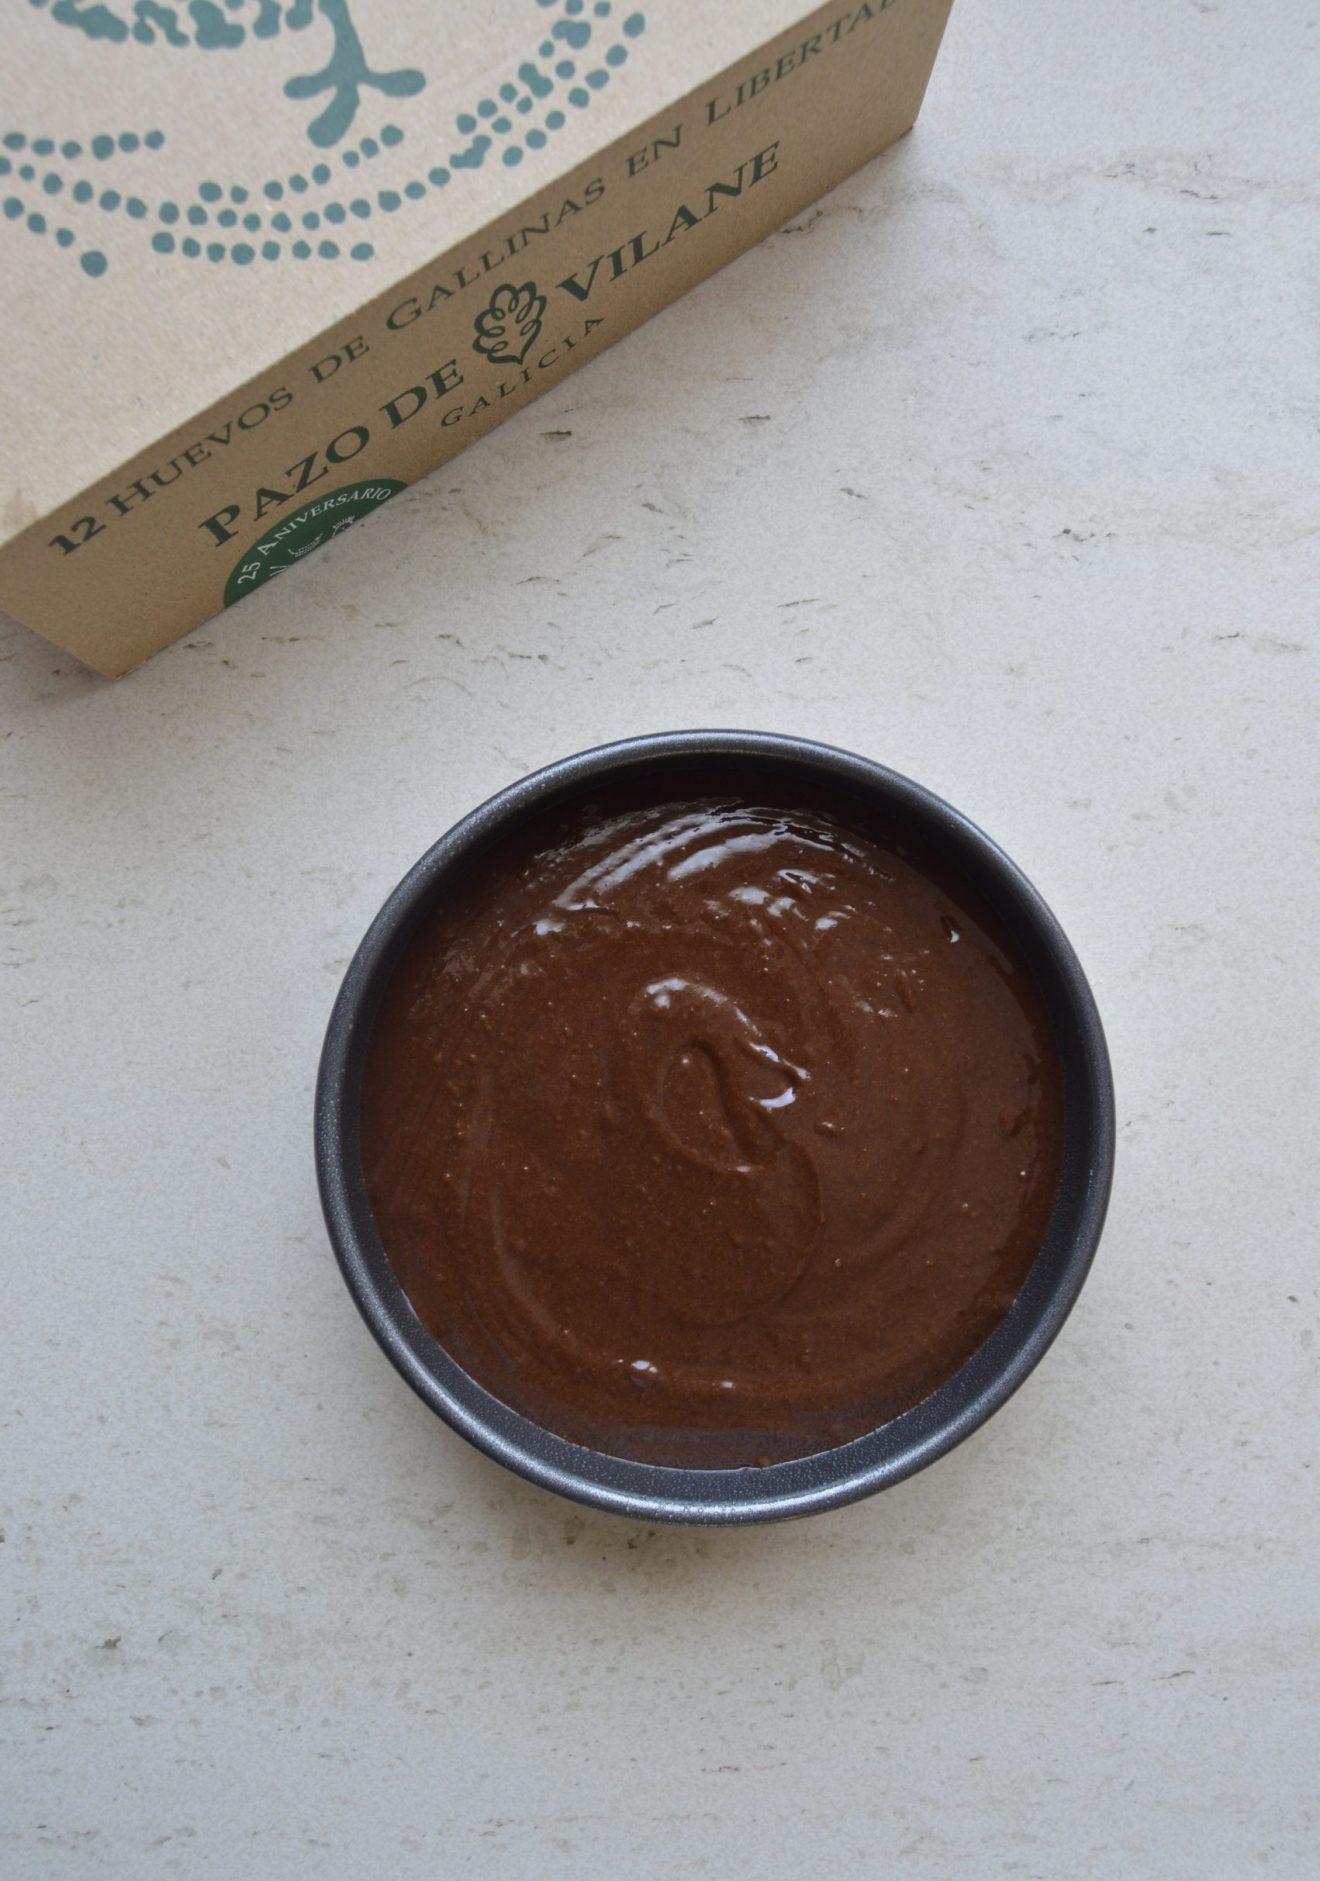 Bizcocho de chocolate. Aroma de chocolate